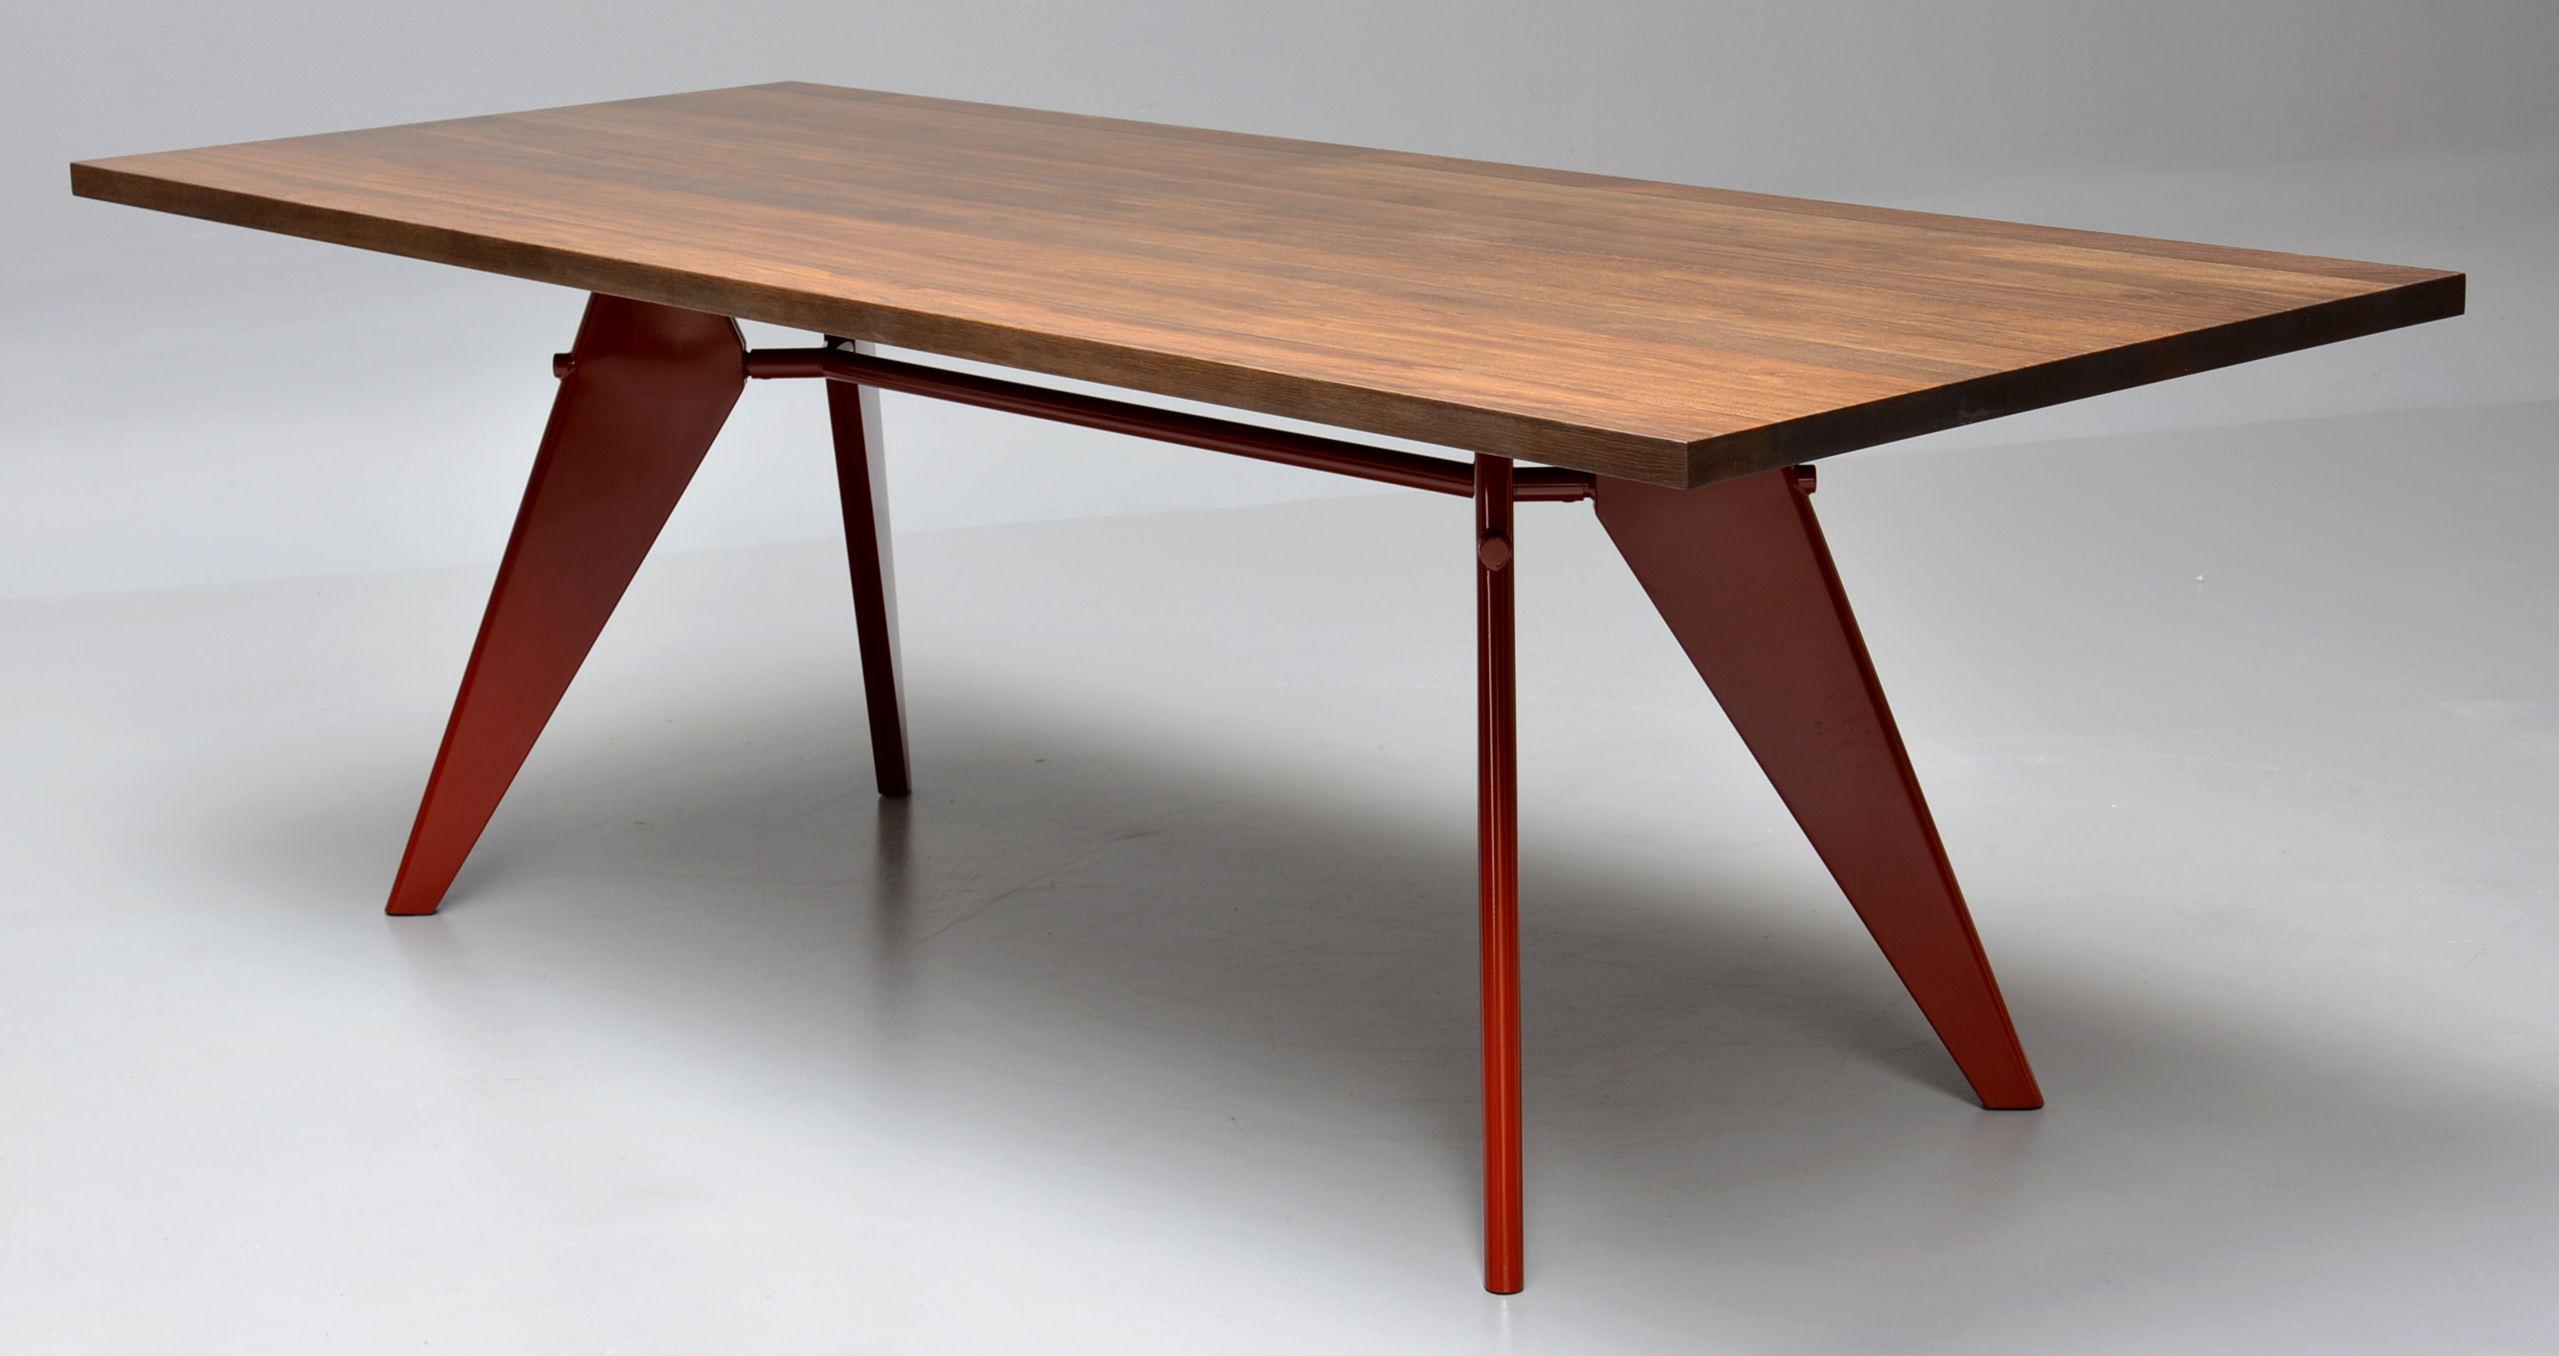 Jean Prouvé. 'EM (Entretoise Métallique) Table' year 2013